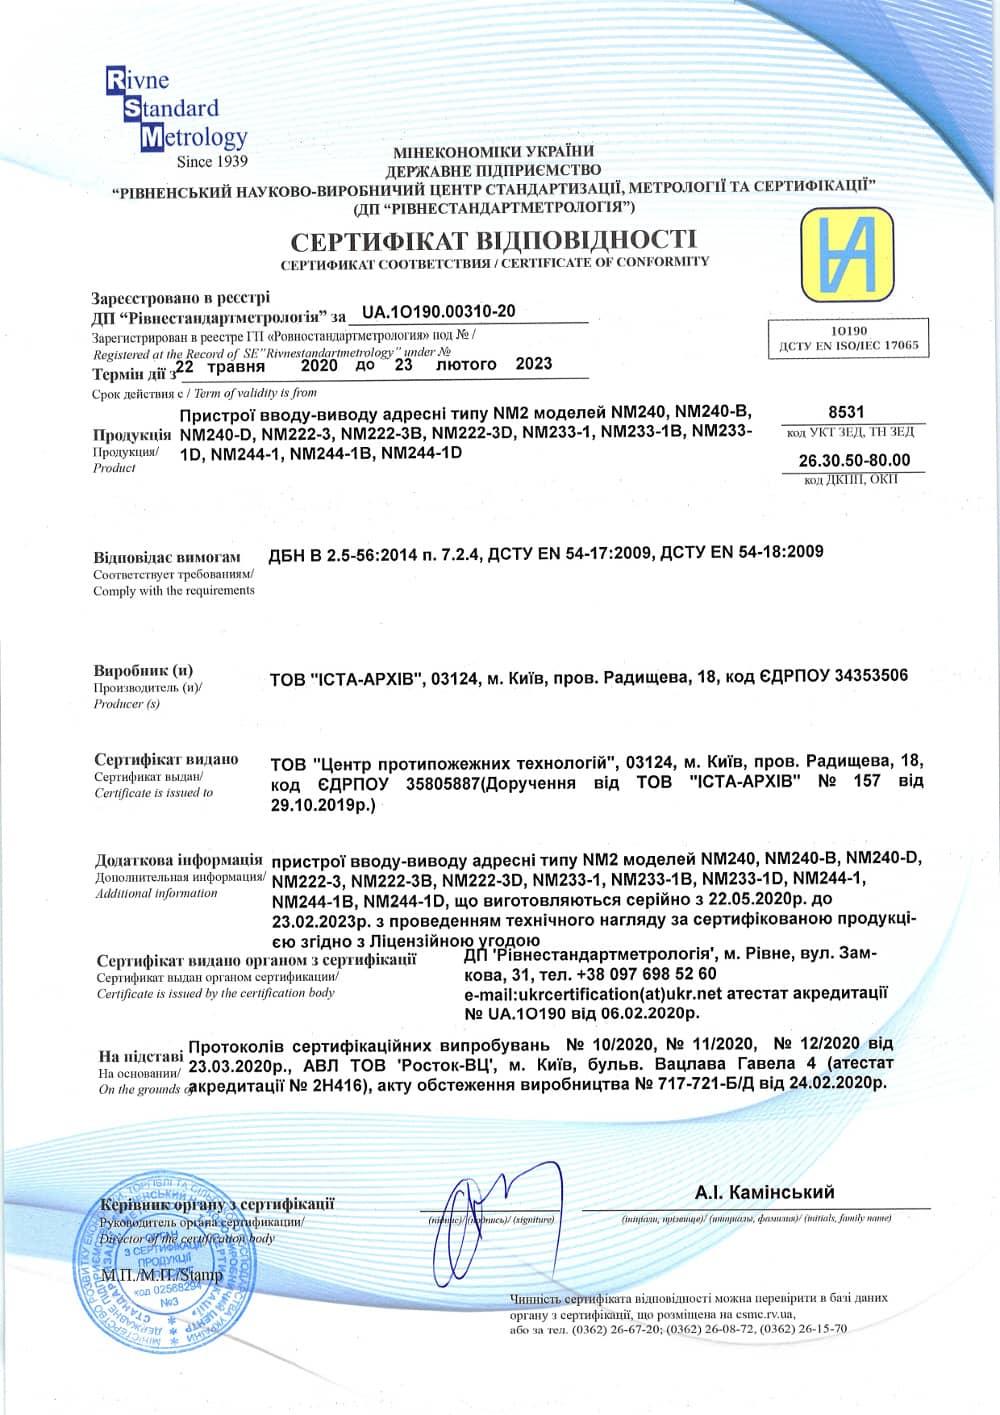 Сертифікат на пристрої вв NM240, NM222-3, NM233-1, NM244-1